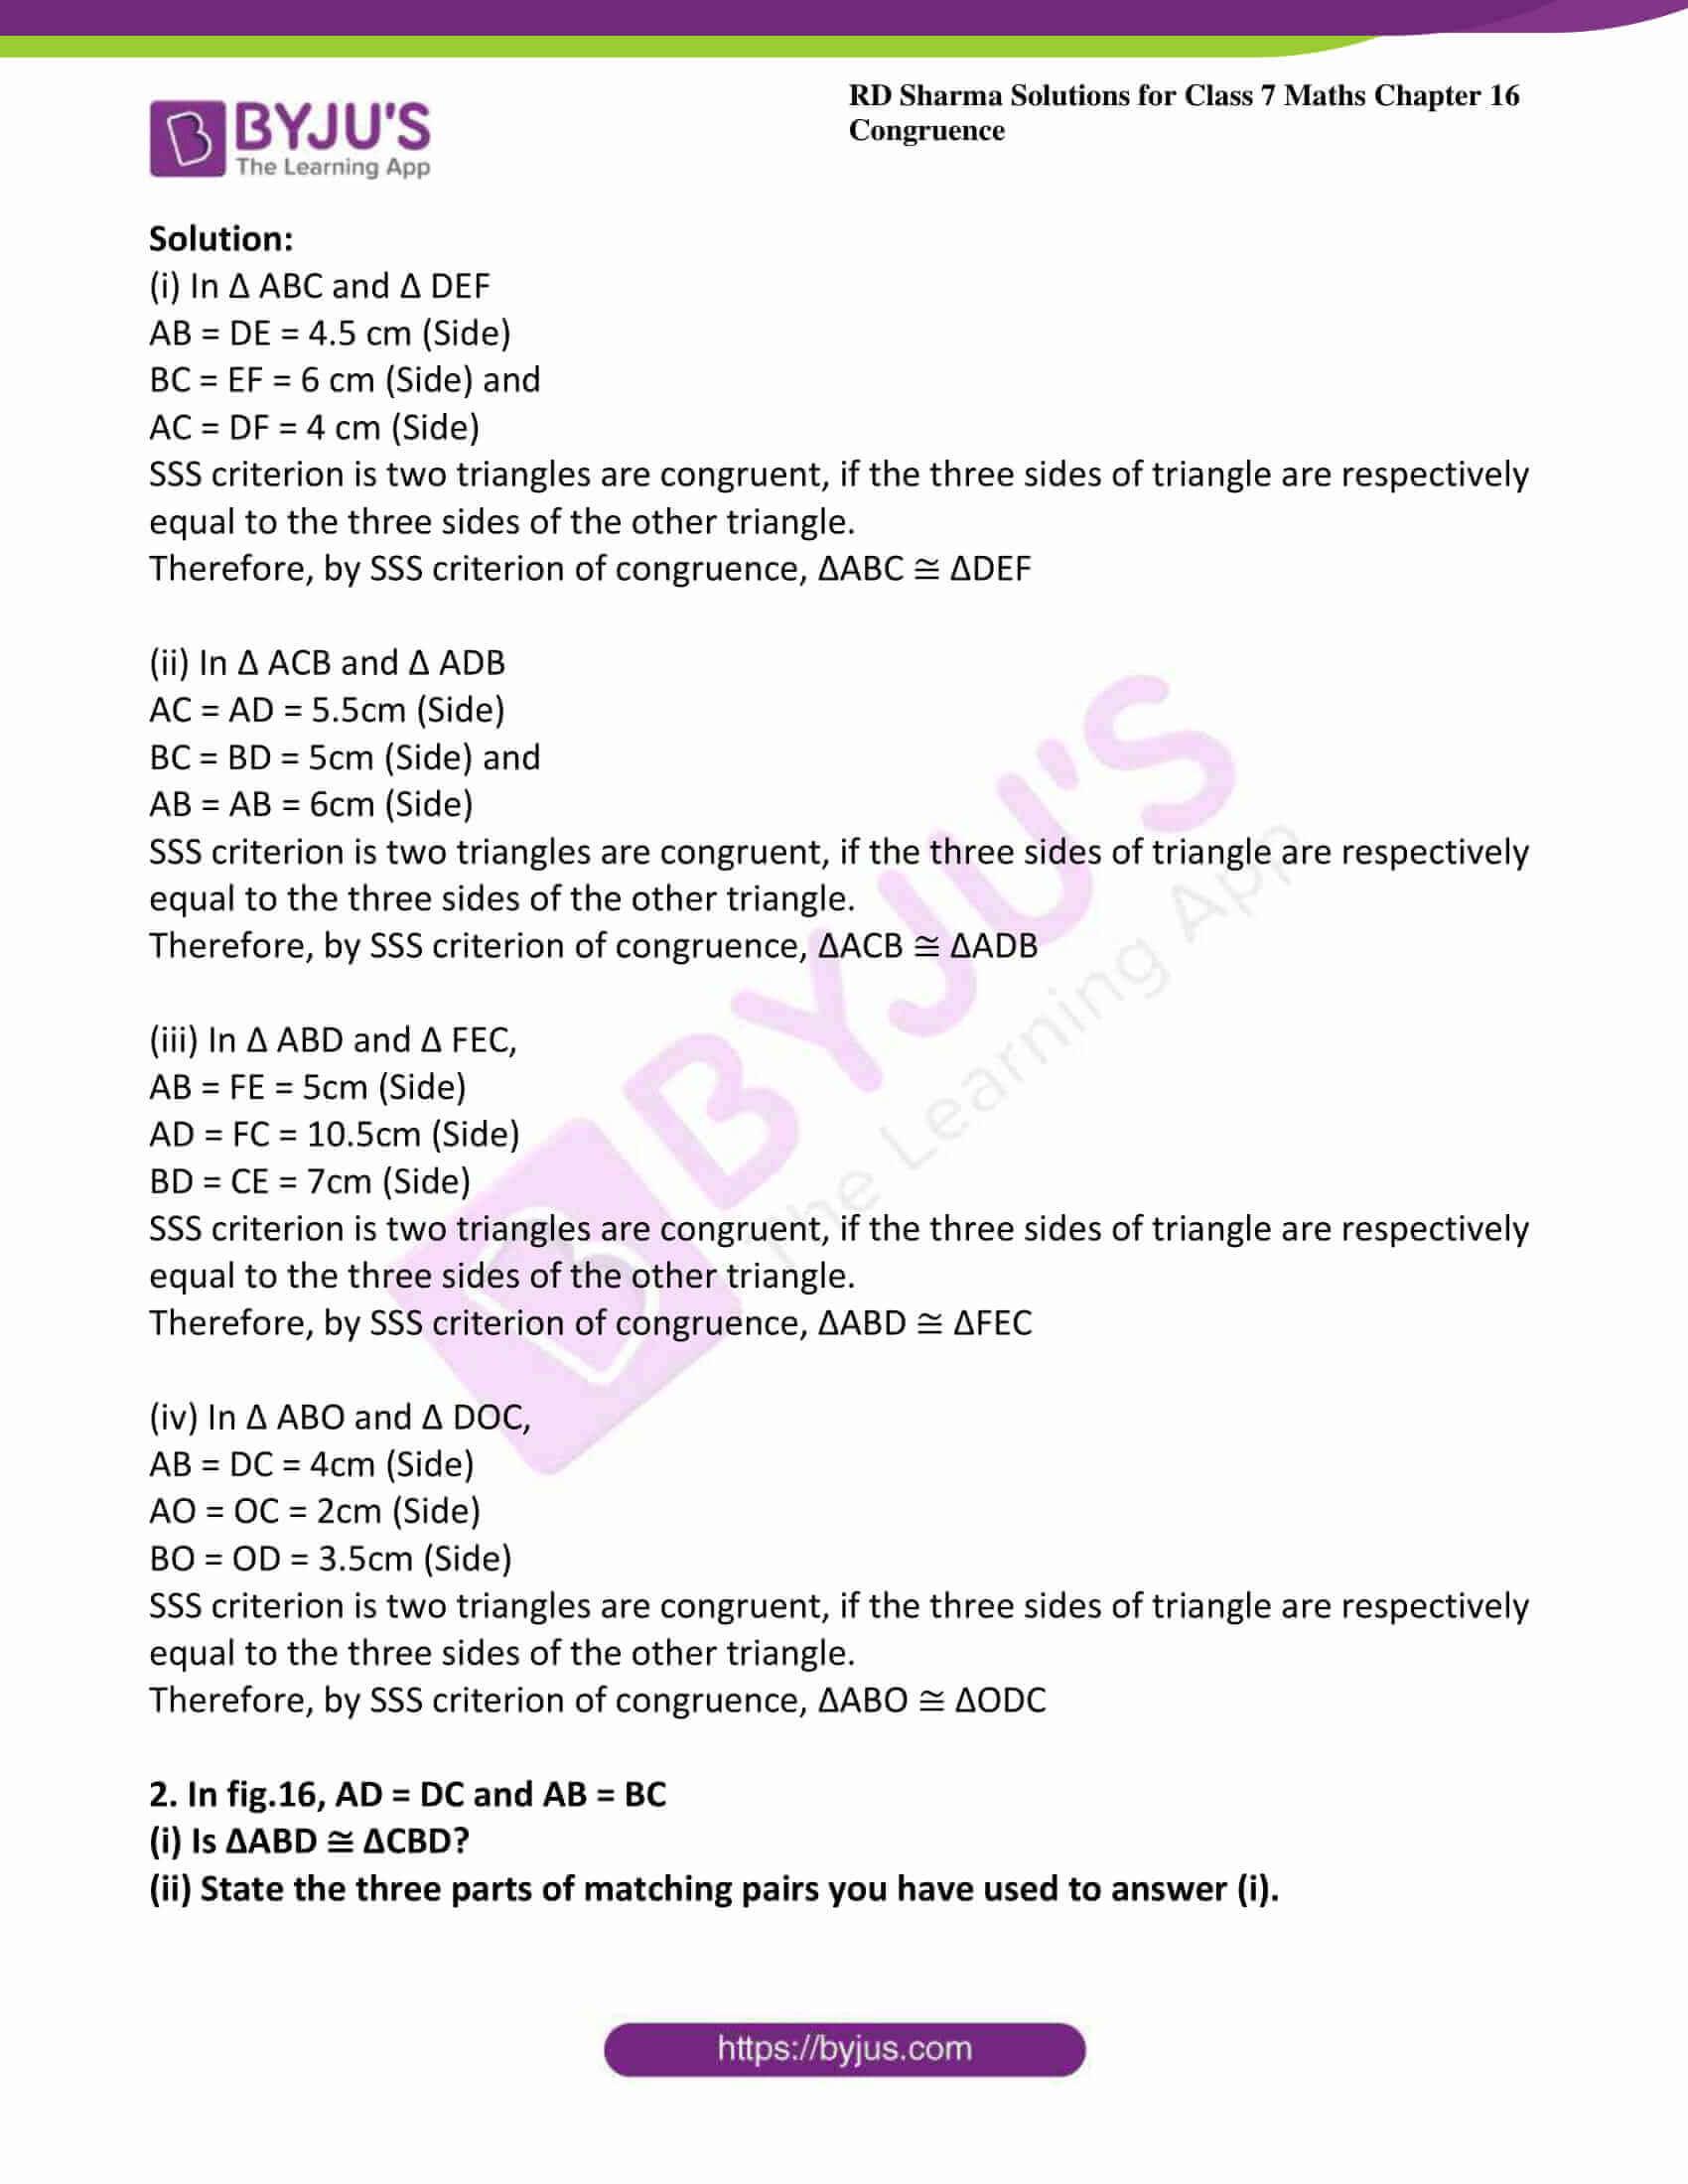 rd sharma maths class7 solution chapter 16 ex 2 2